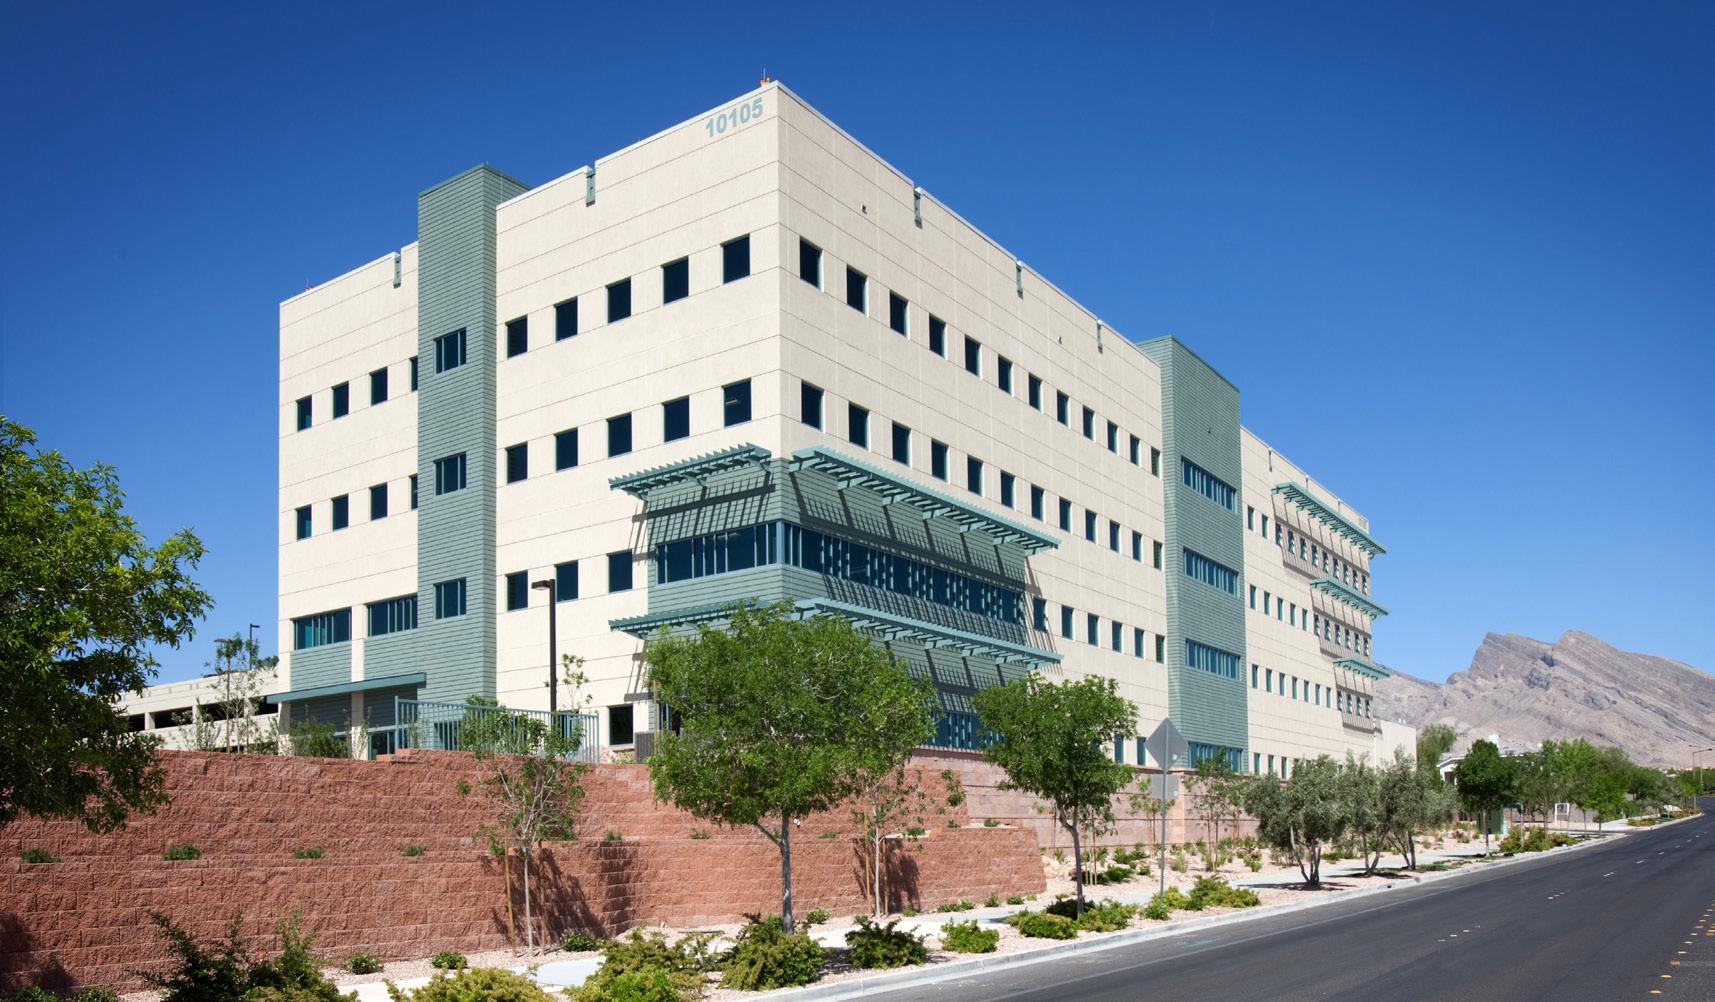 Summerlin Medical Center III